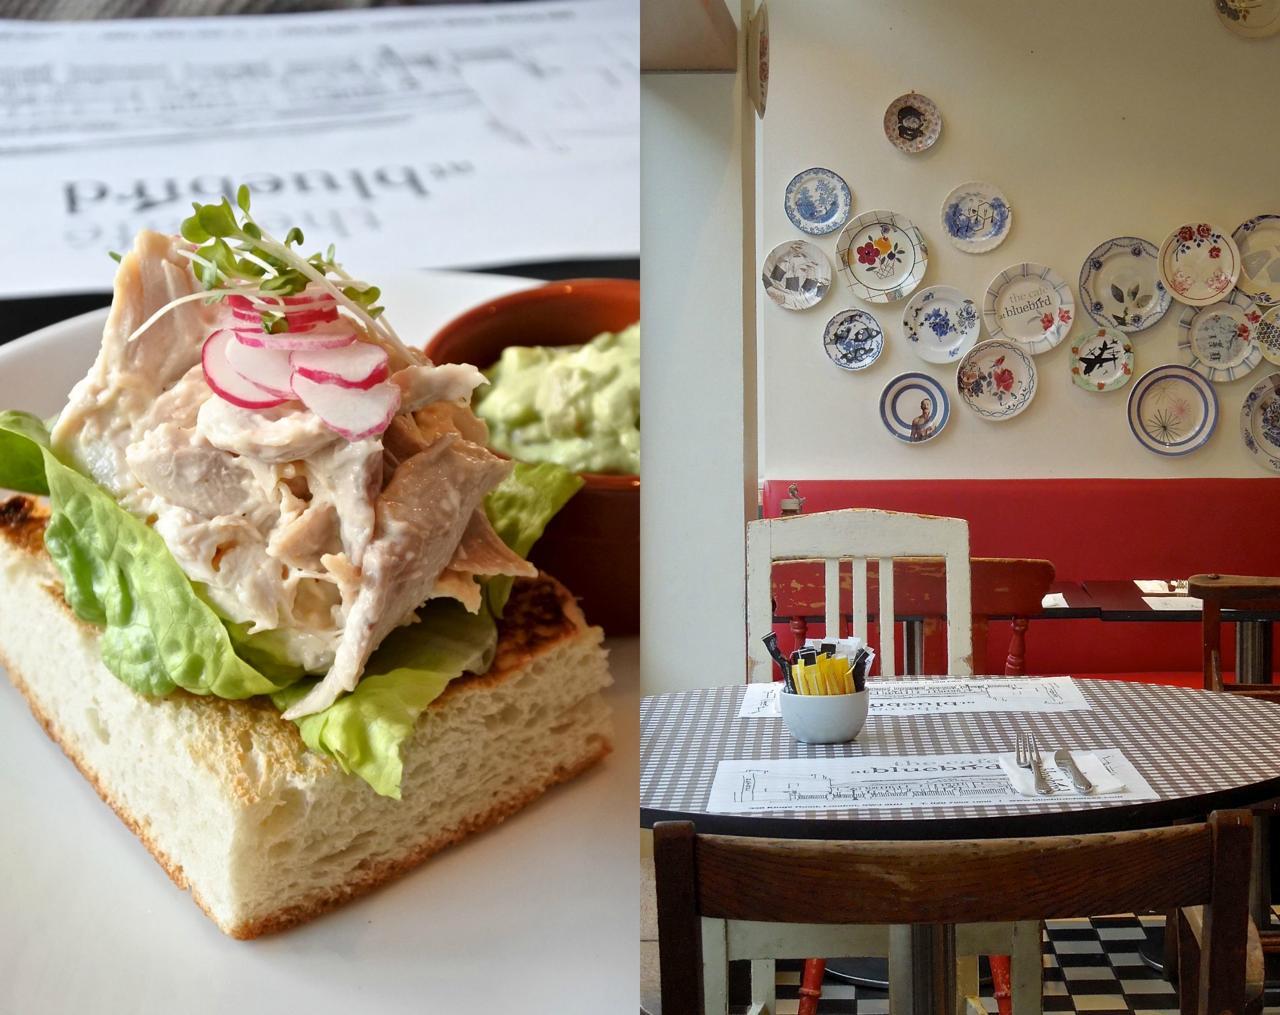 ヘルシーなチキンとアボカドのオープン・サンドイッチはフォカッチャ・ベースで。